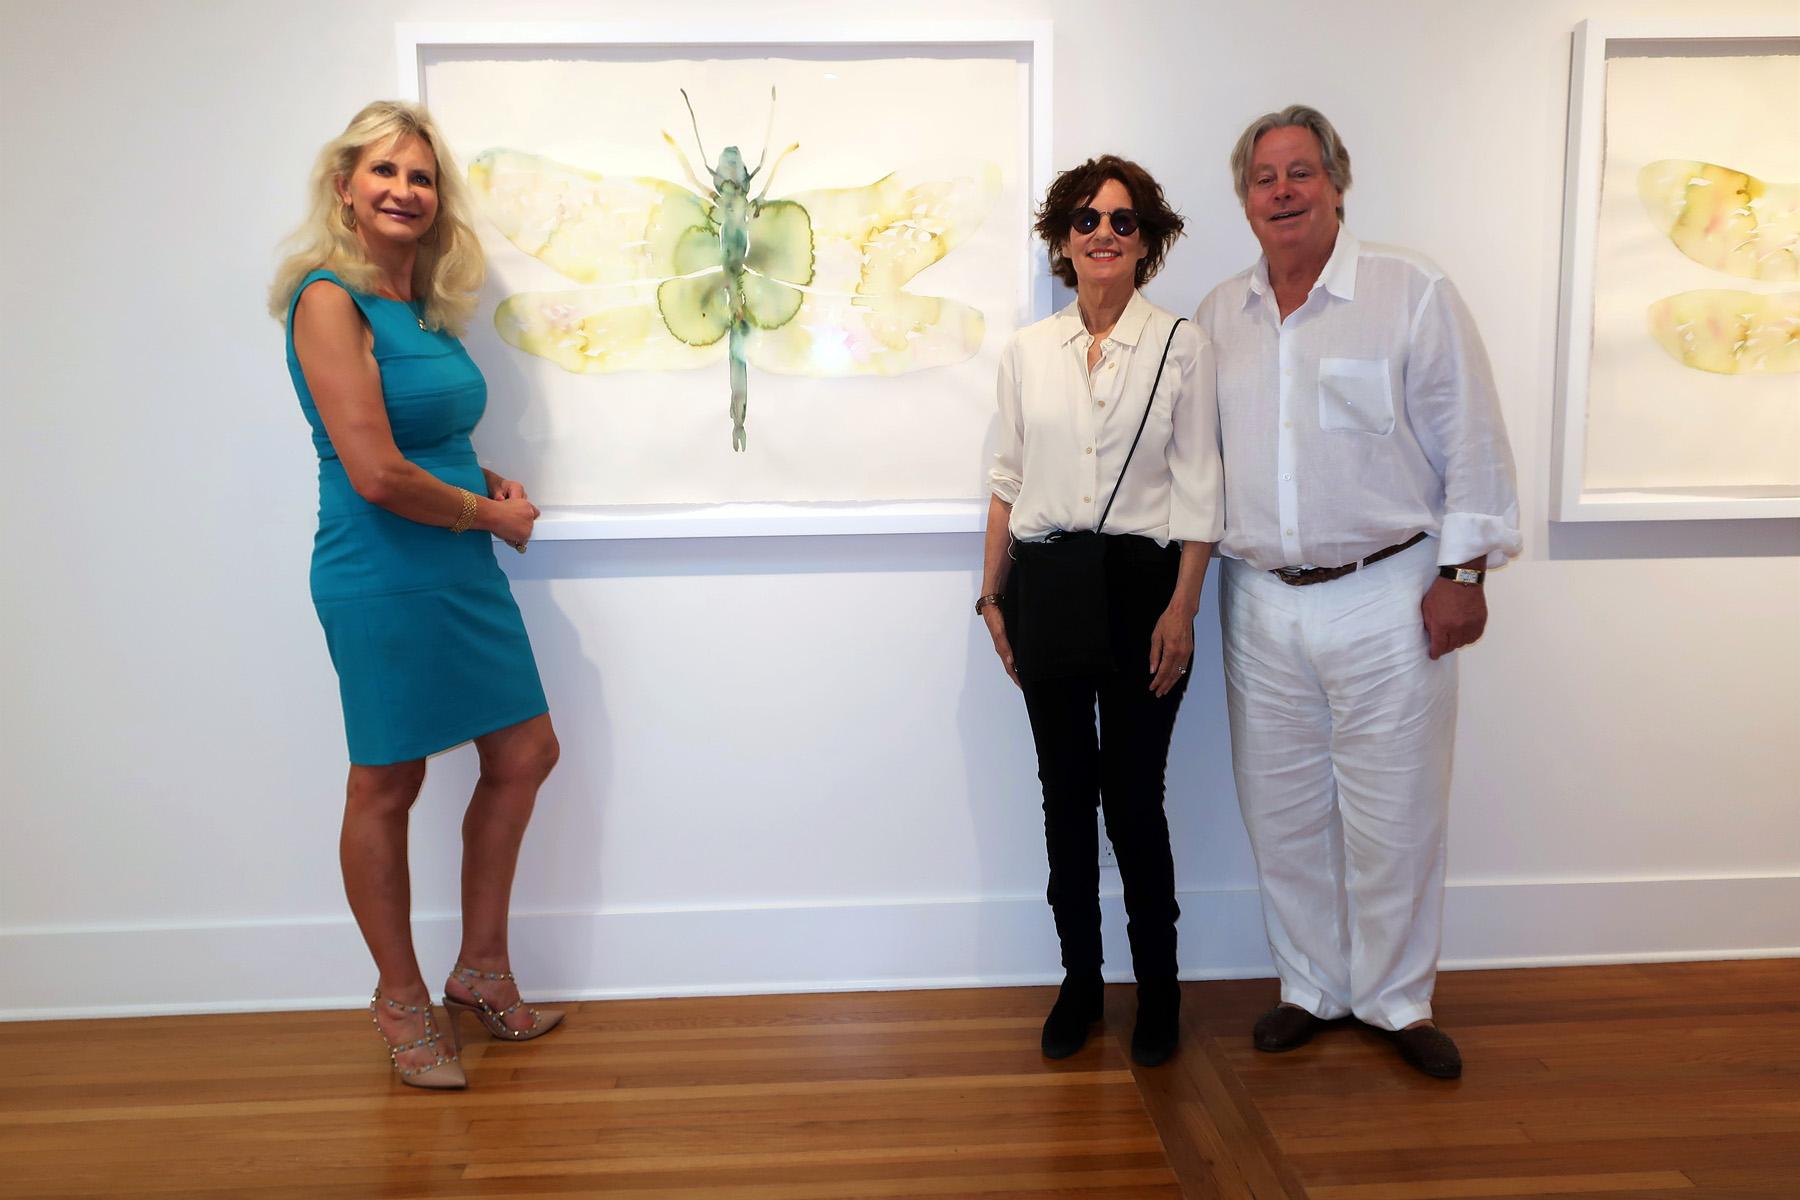 Kim McCarty 2021 Watercolors, Michael McCarty, Sophie Gayot